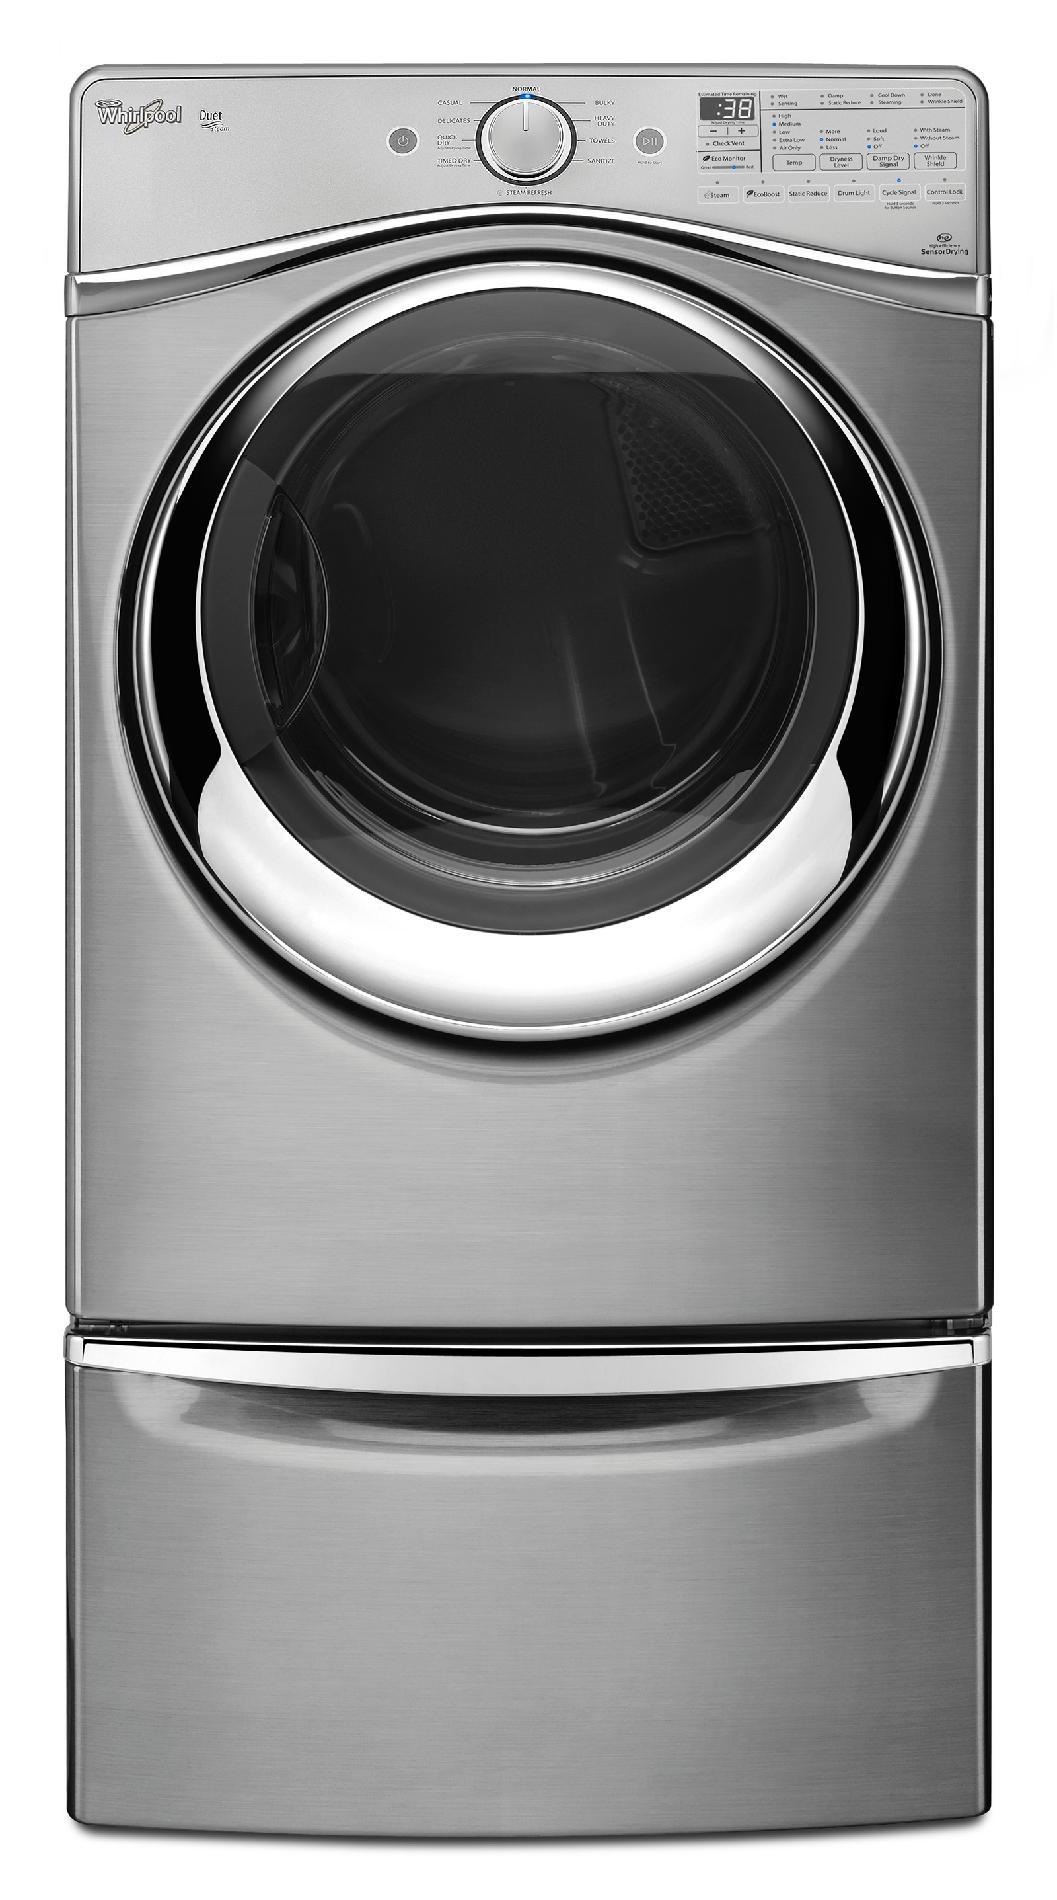 Whirlpool WED97HEDU 7.4 cu. ft. Duet® Electric Dryer w/ SilentSteel™ Drum - Diamond Steel